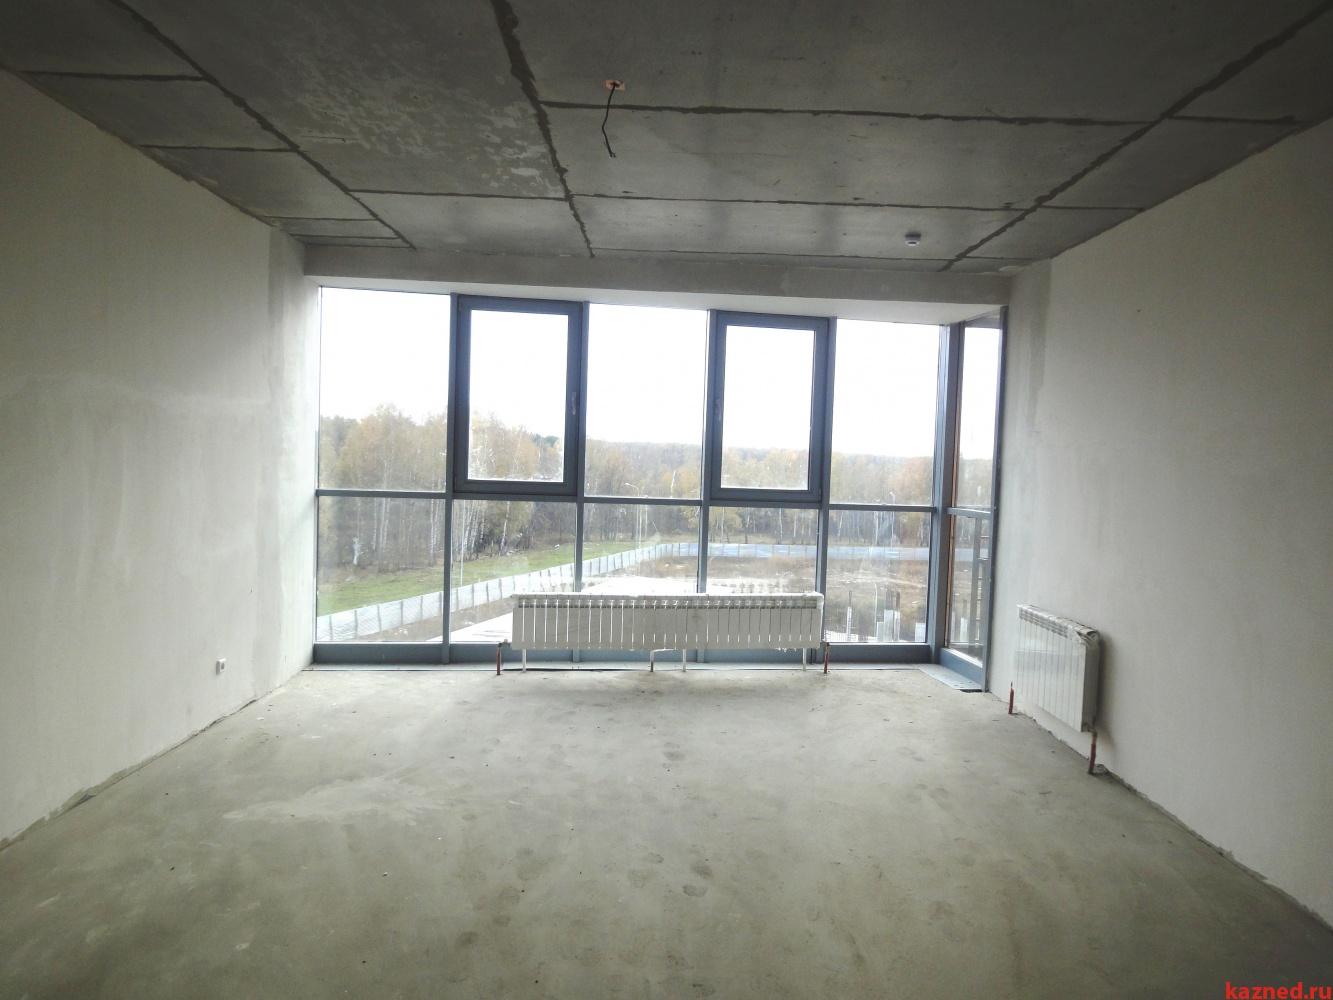 Продажа 4-к квартиры Дубравная 16А-16, 176 м²  (миниатюра №4)